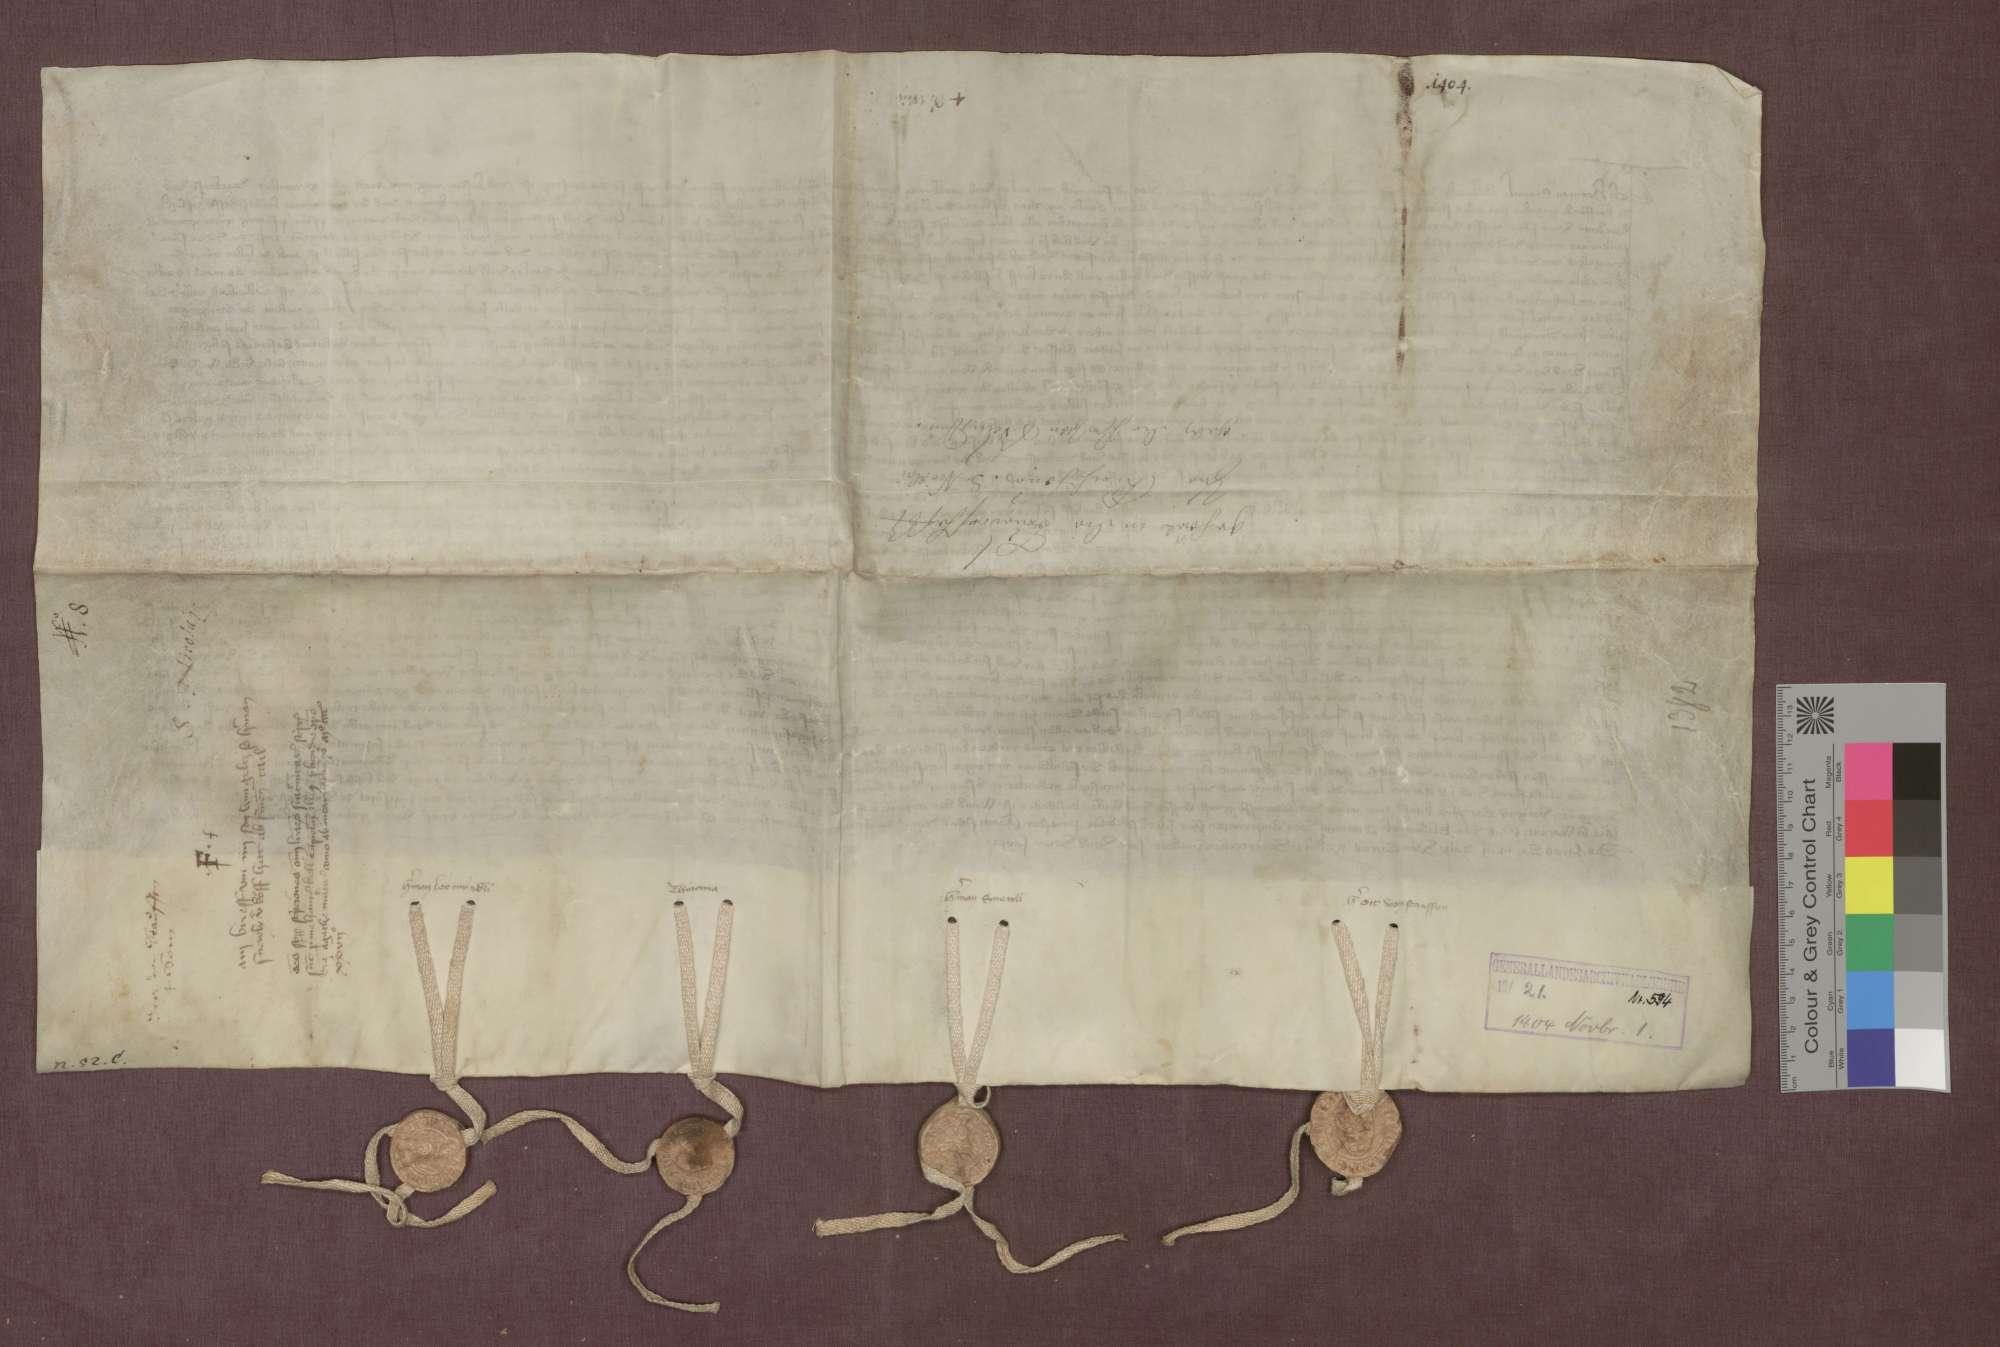 Der Edelknecht Hermann Schnewli verkauft eine Weingült zu Ehrenstetten an die Liebfrauen-Bruderschaft zu Kirchhofen., Bild 2